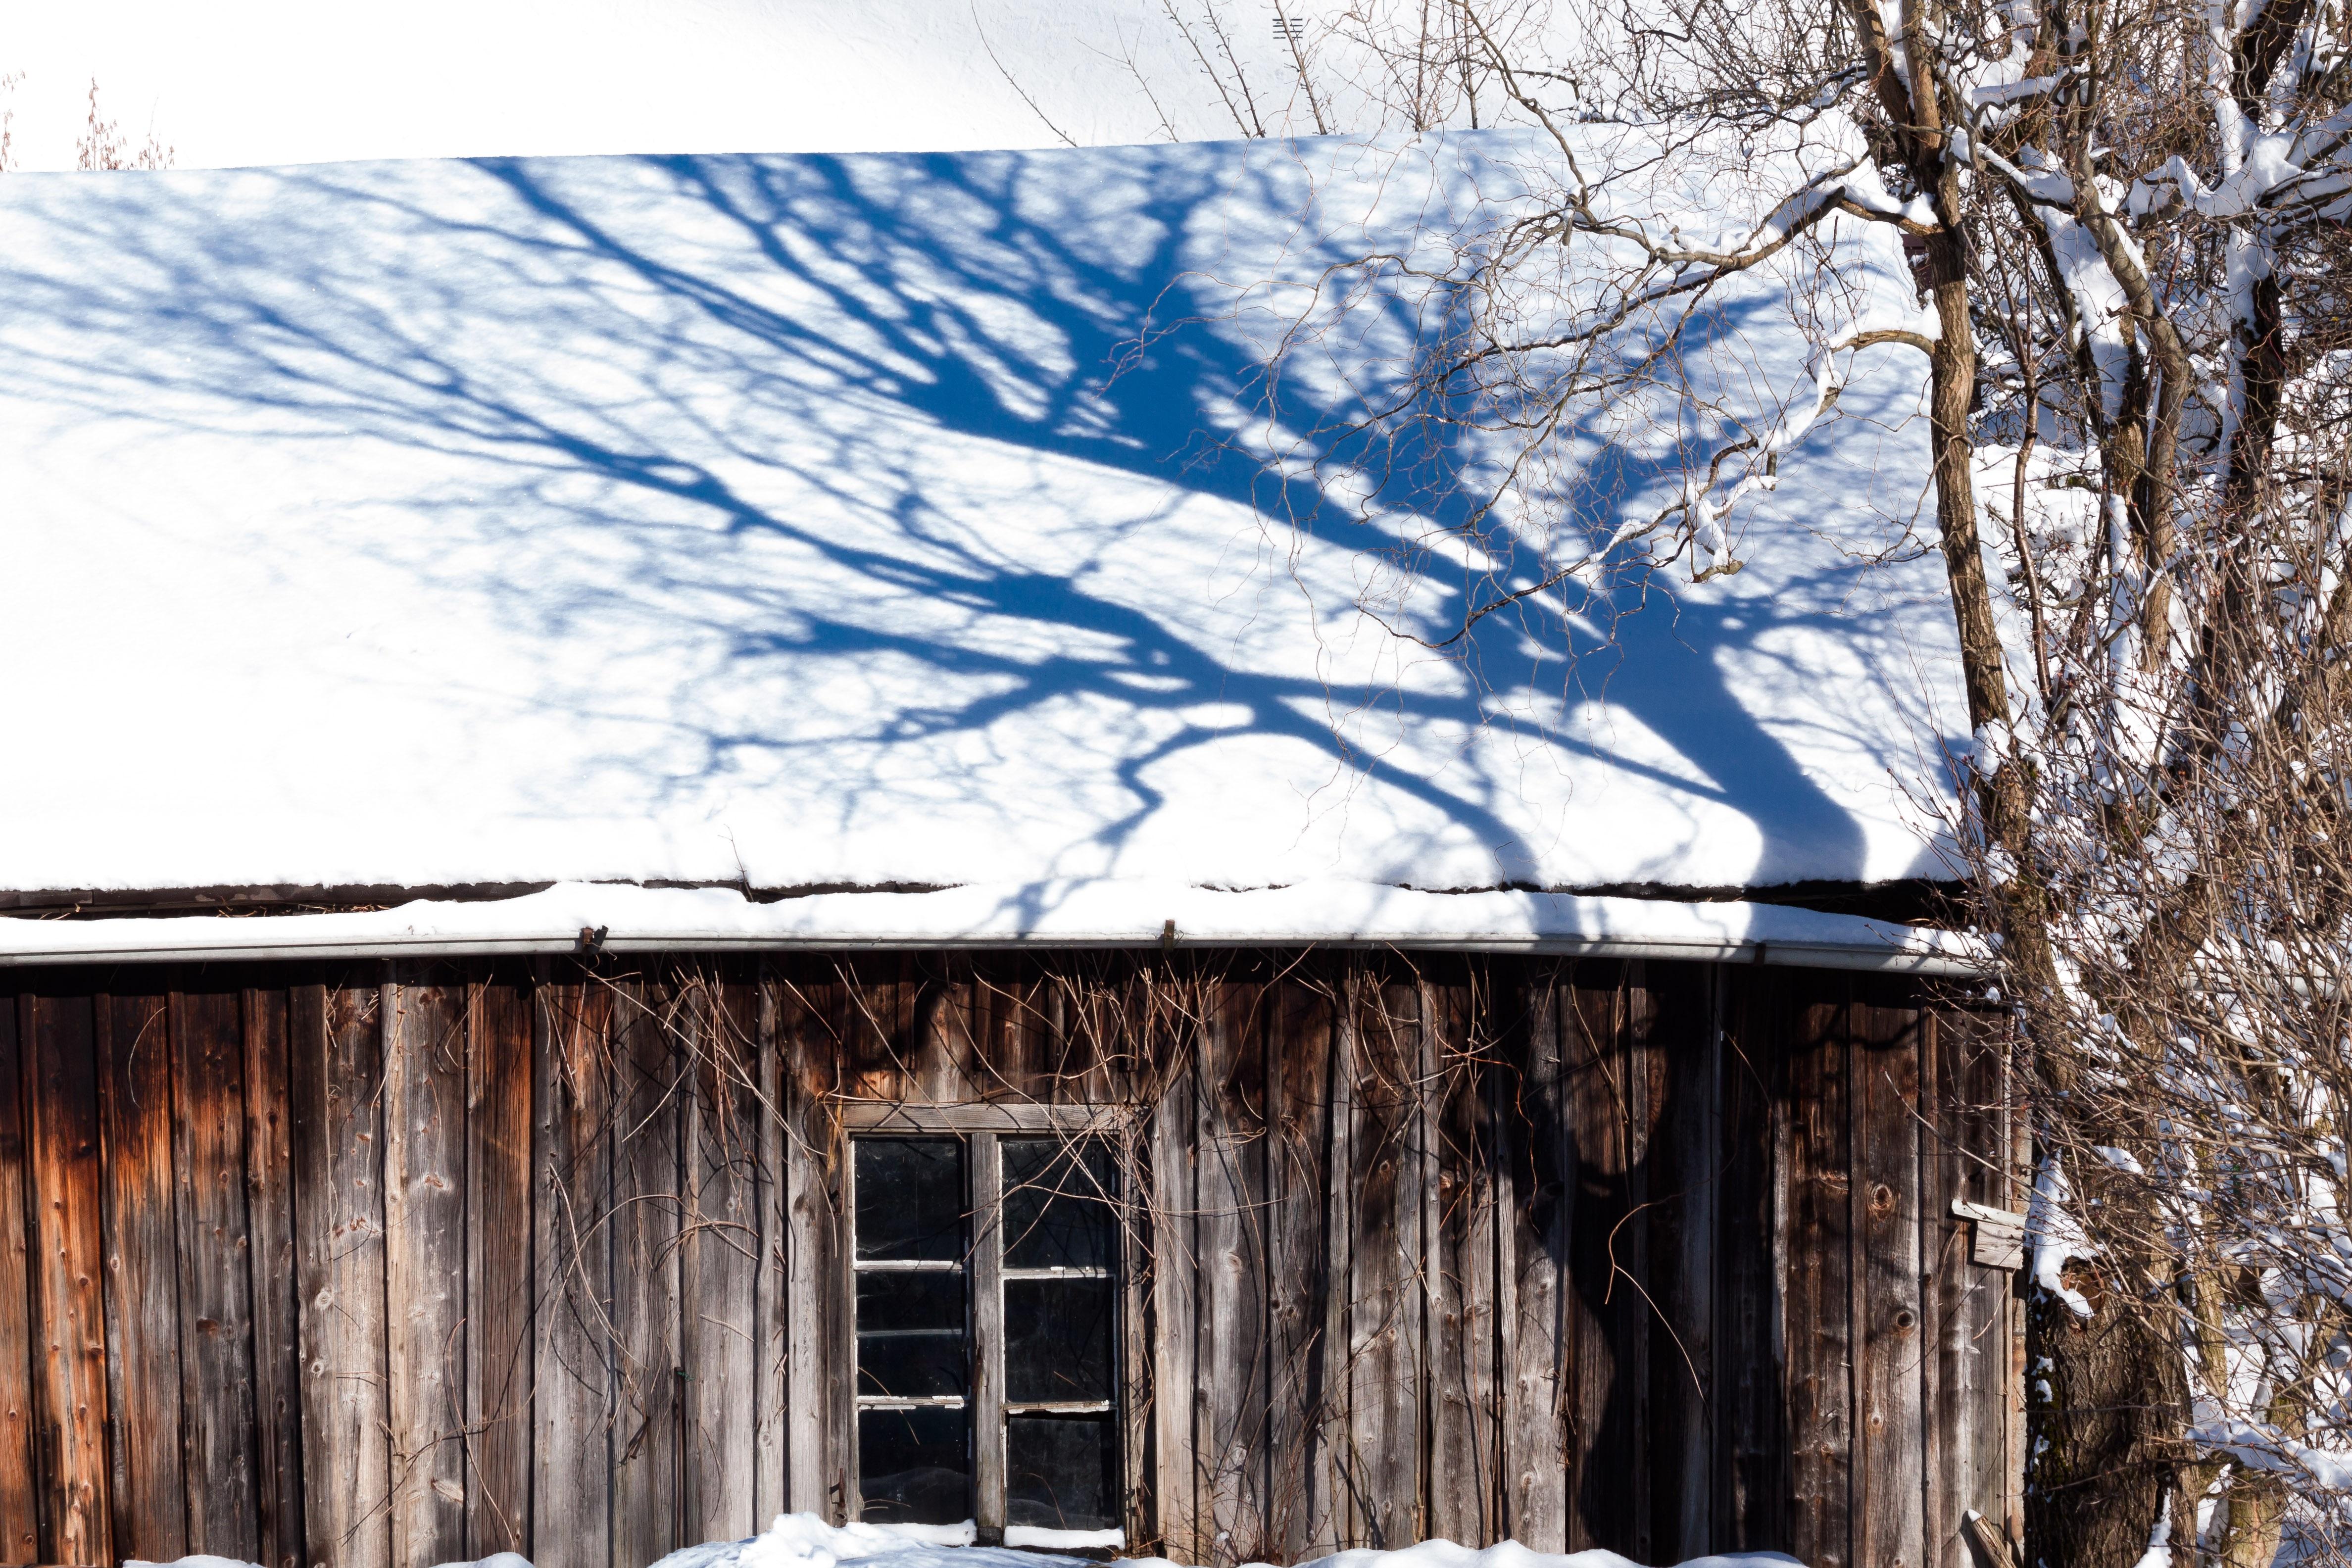 Kostenlose foto : Baum, Schnee, Winter, die Architektur, Holz, Haus ...